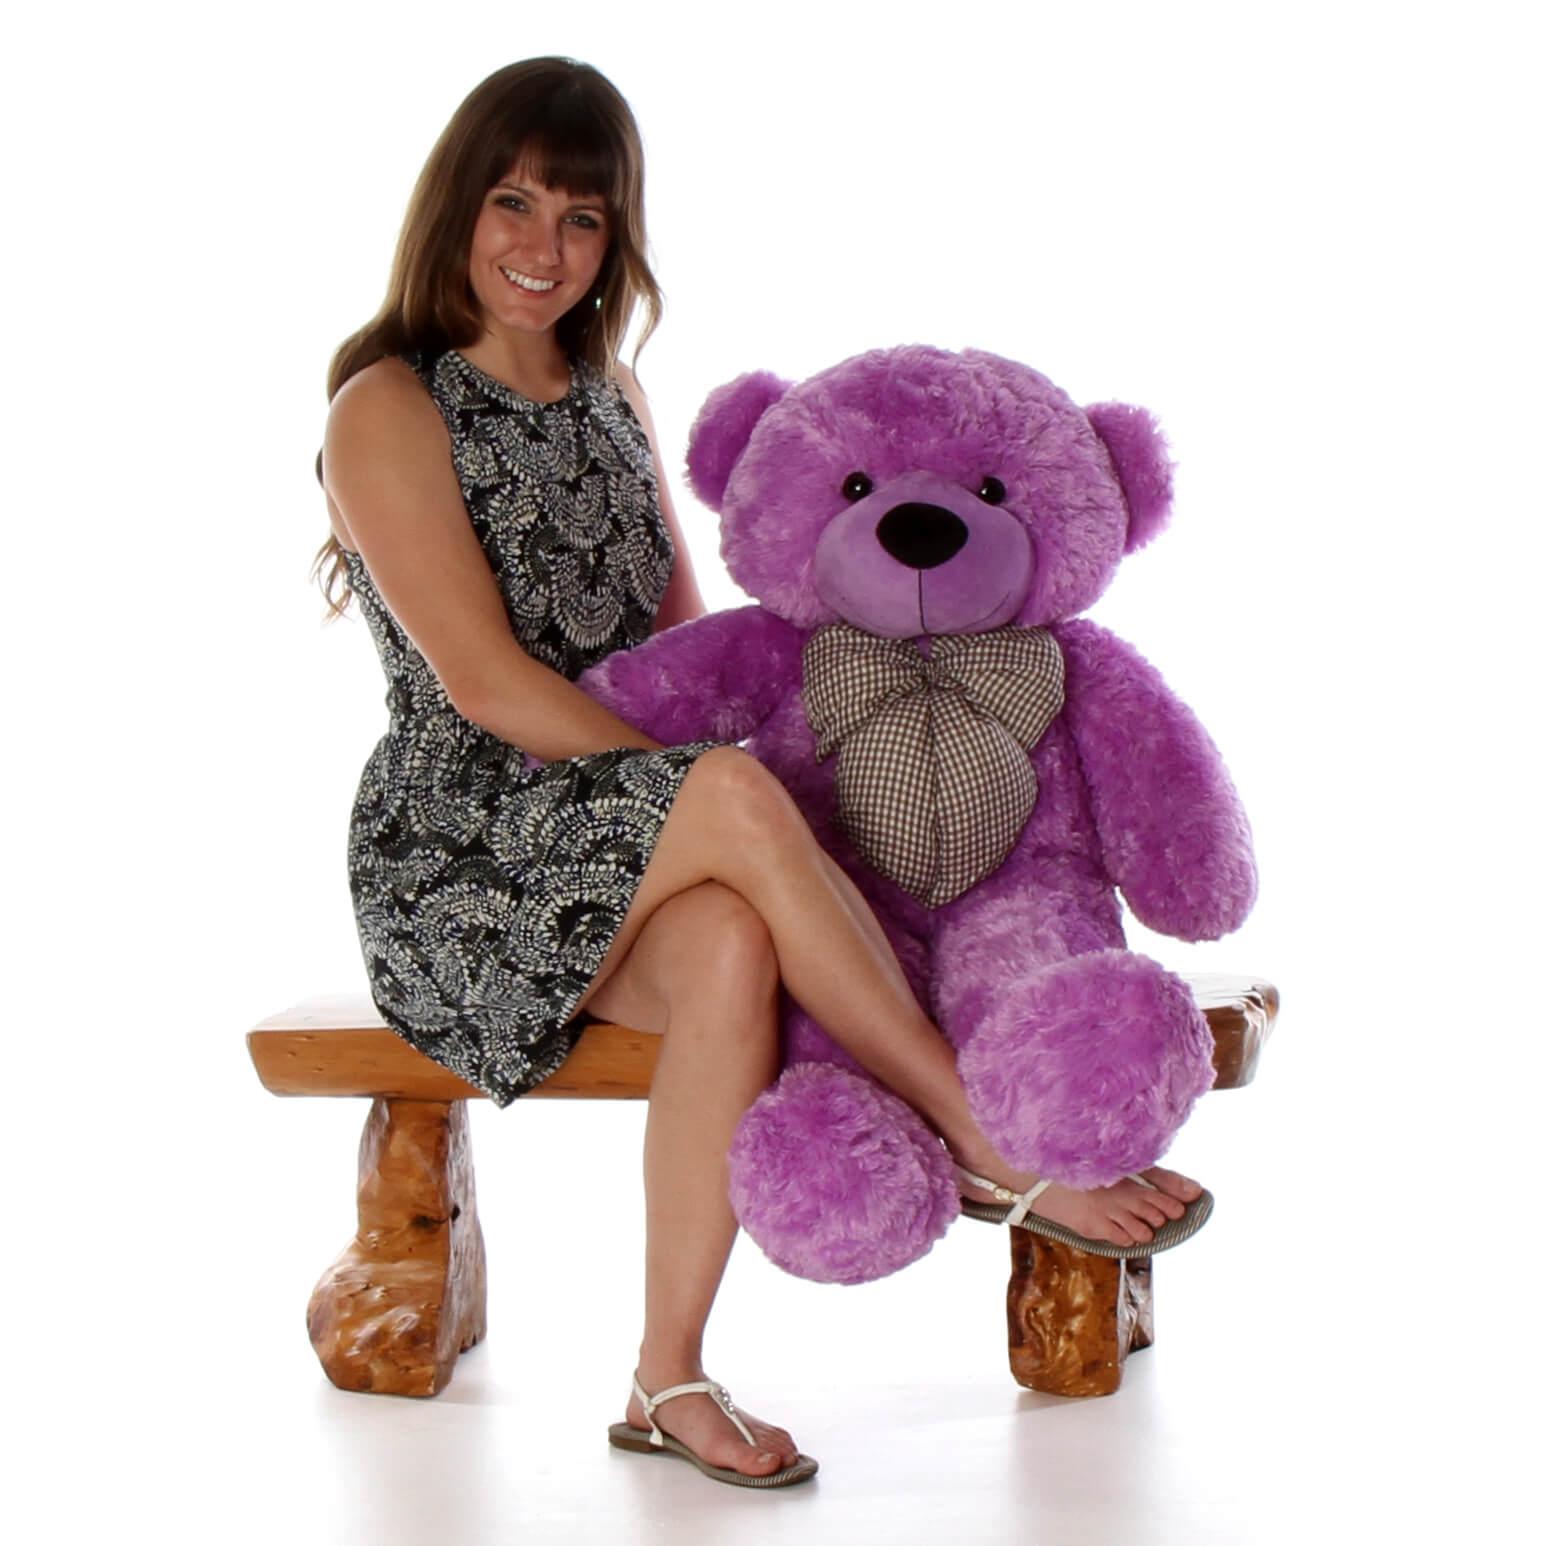 huge-purple-teddy-bear-most-huggable-soft-deedee-cuddles-38in-1.jpg